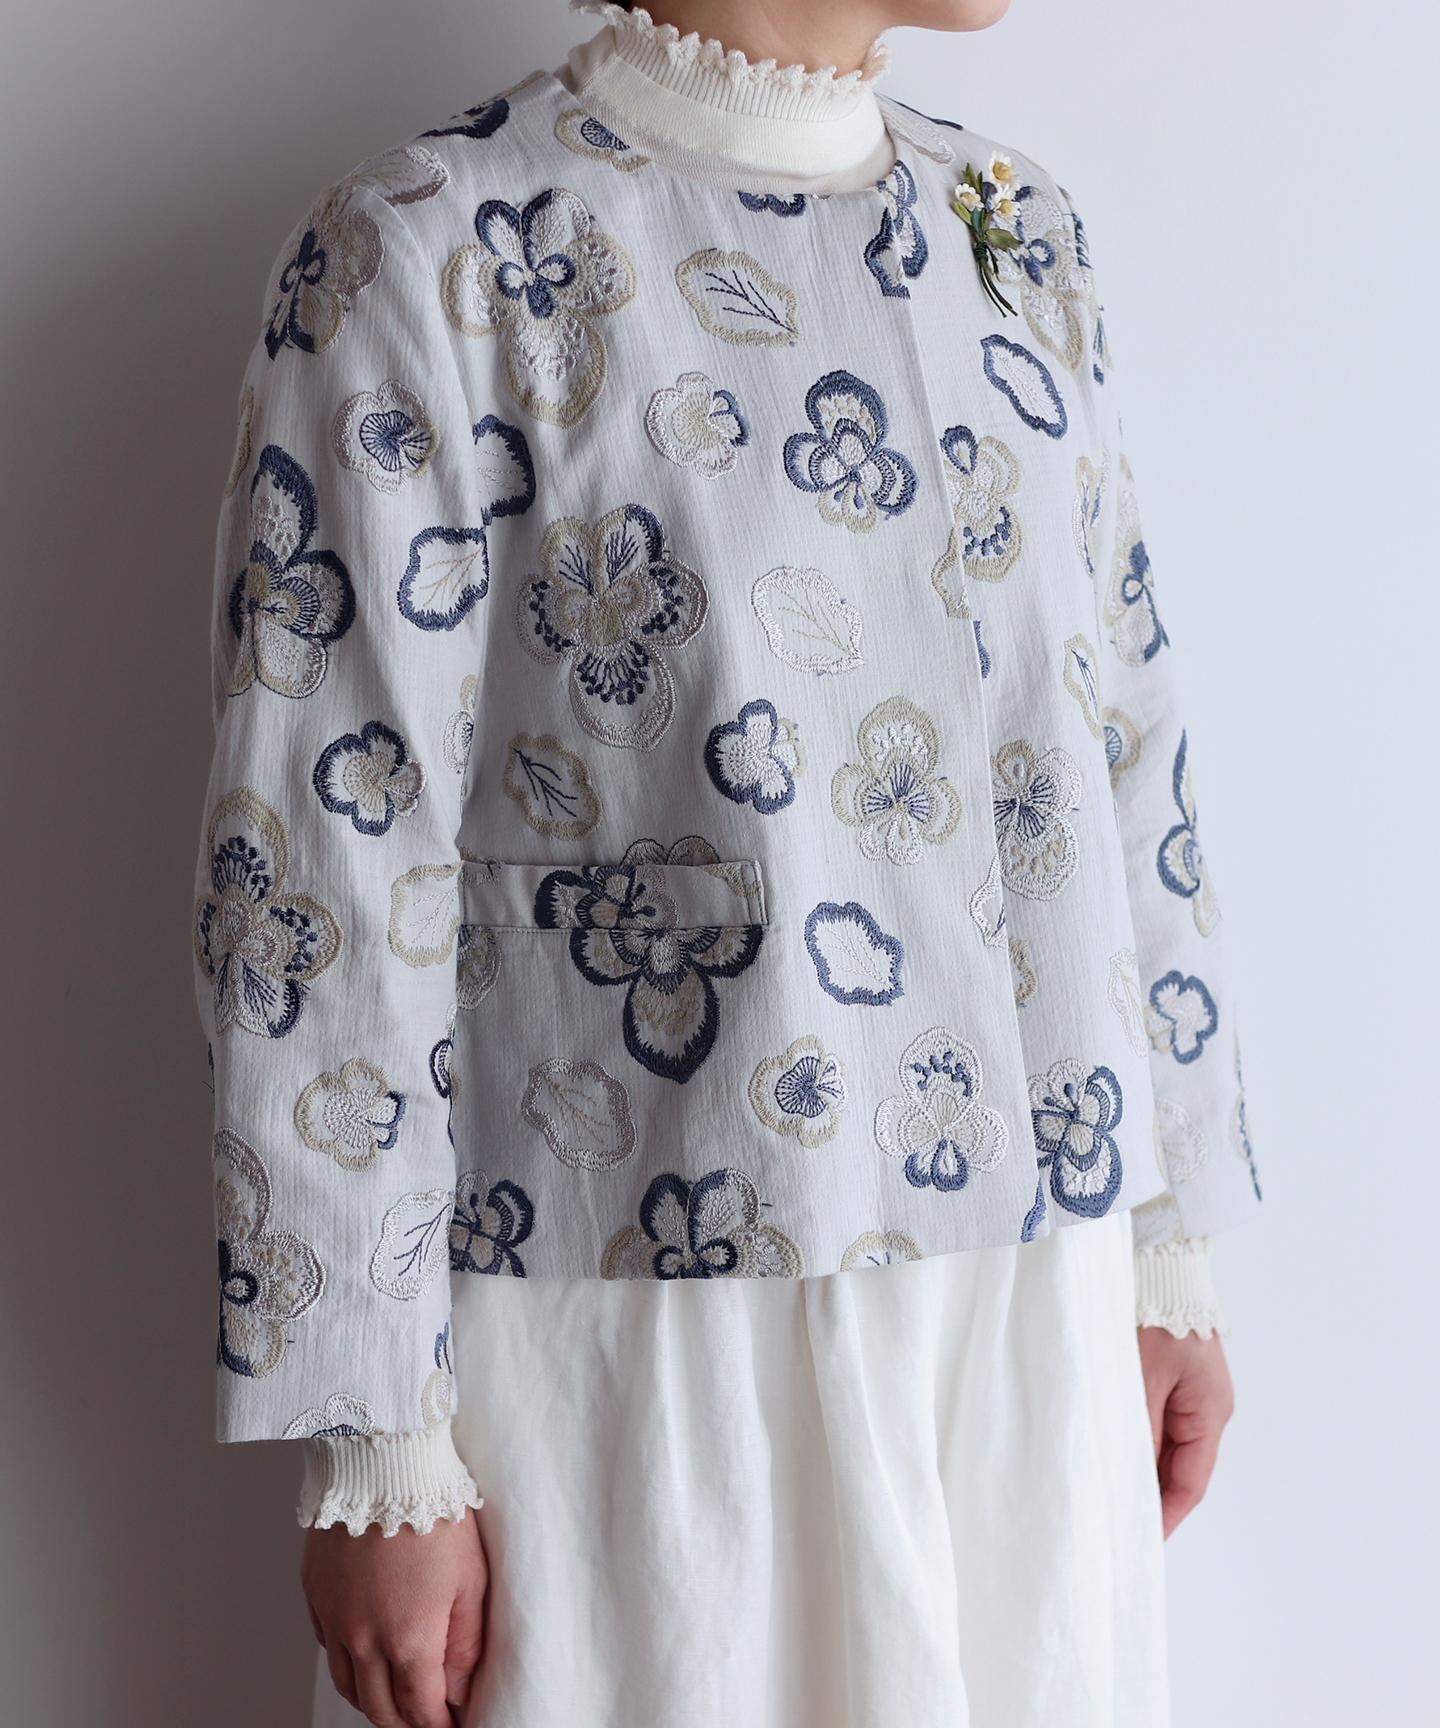 ビオラ刺繍のジャケット(mub501)